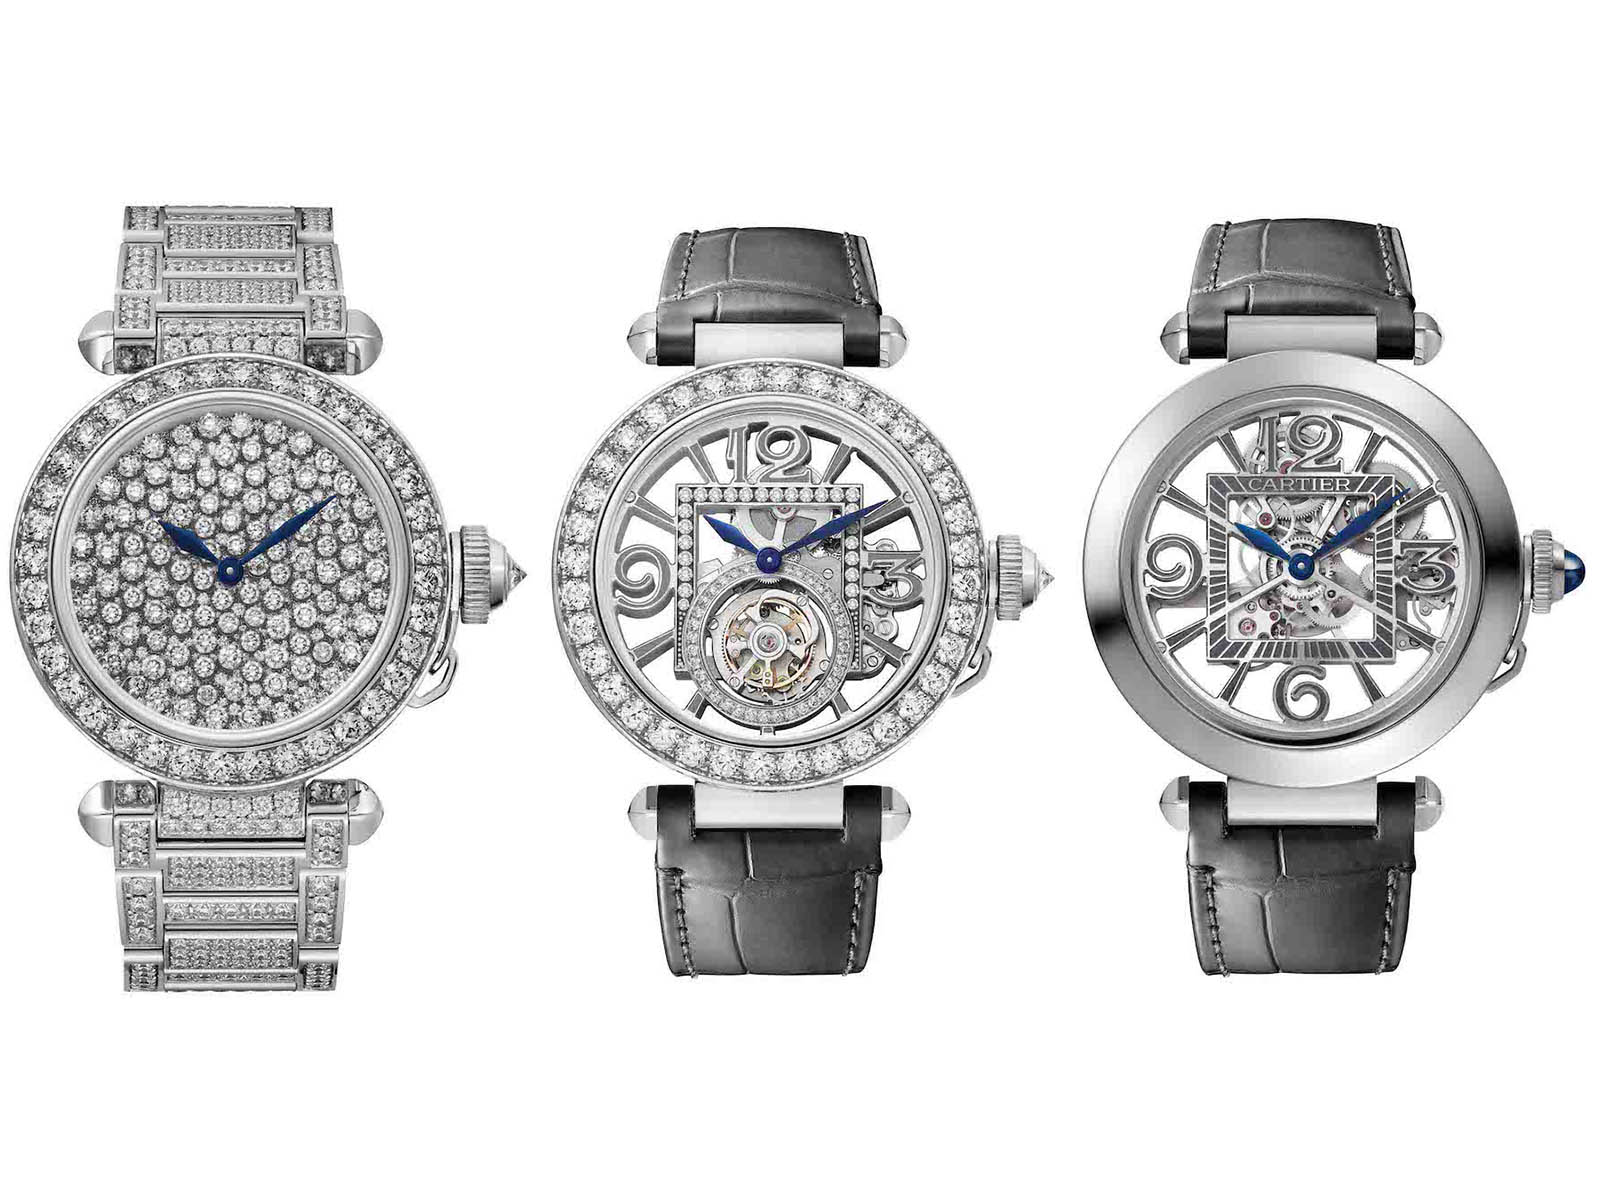 pasha-de-cartier-watches-wonders-2020-novelties-13.jpg